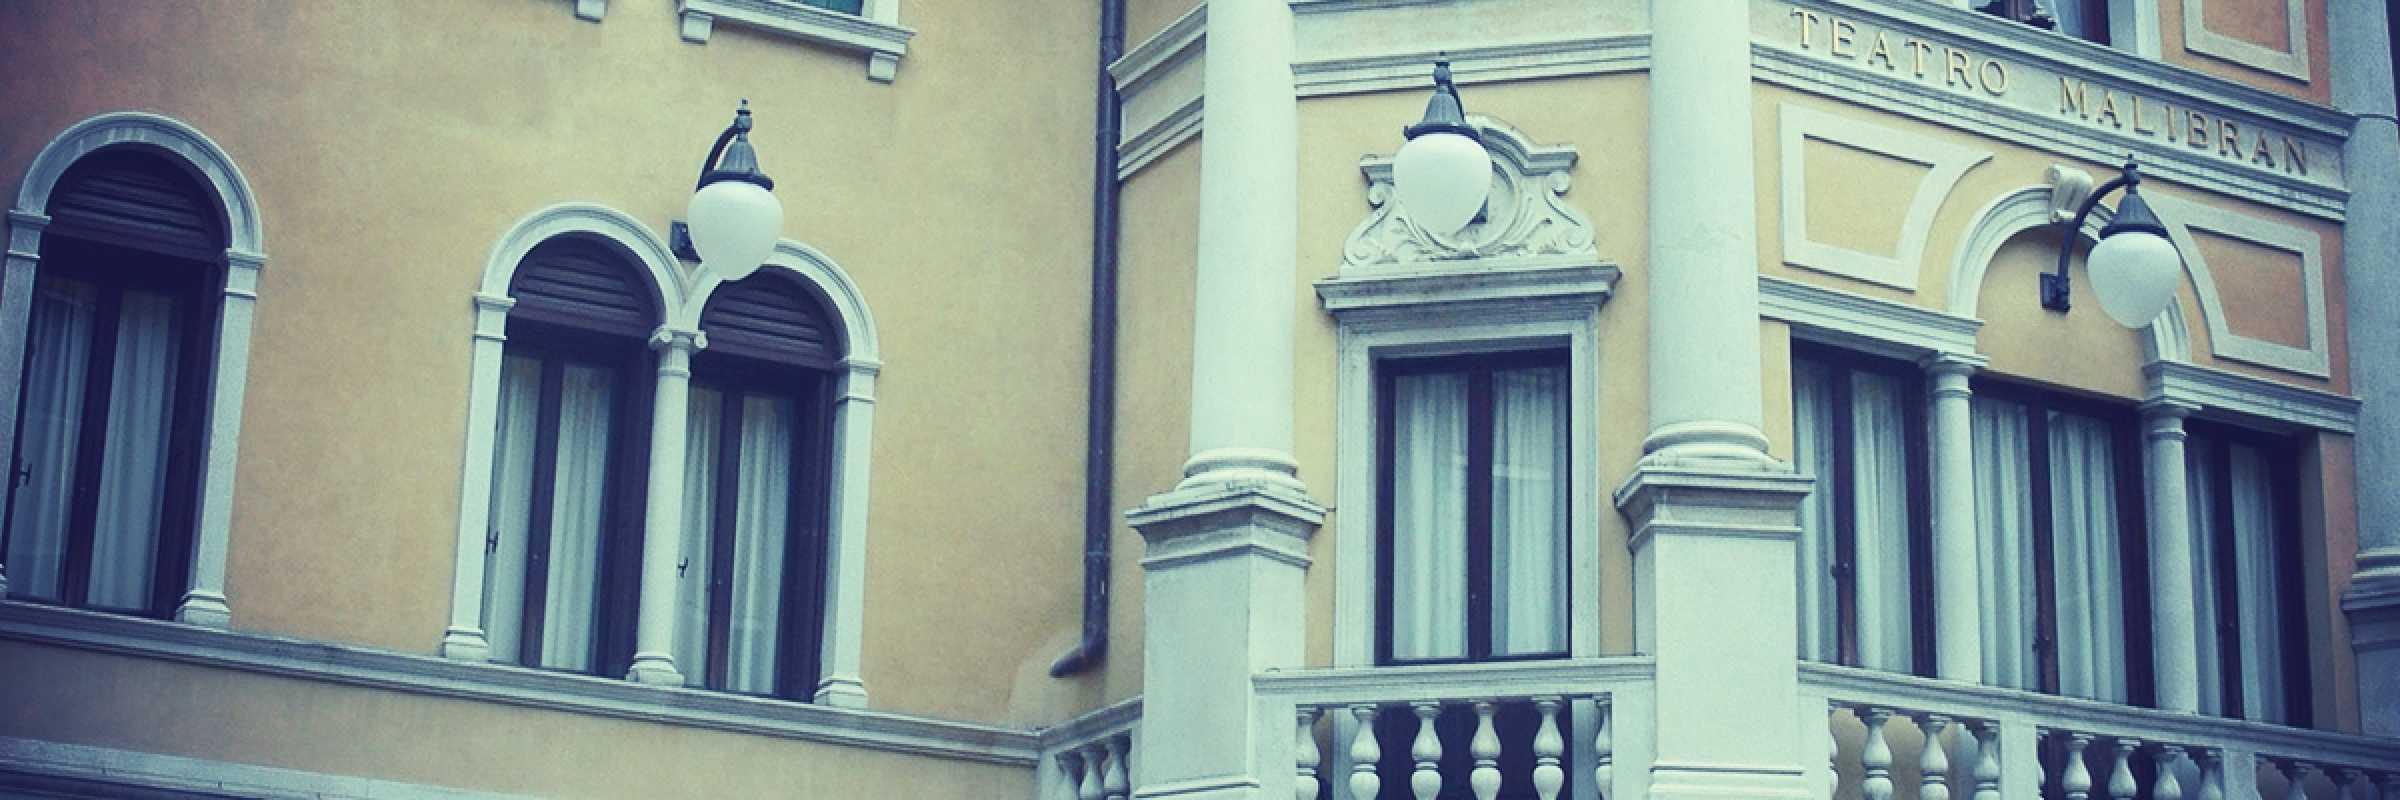 Ingresso del Teatro Malibran di Venezia